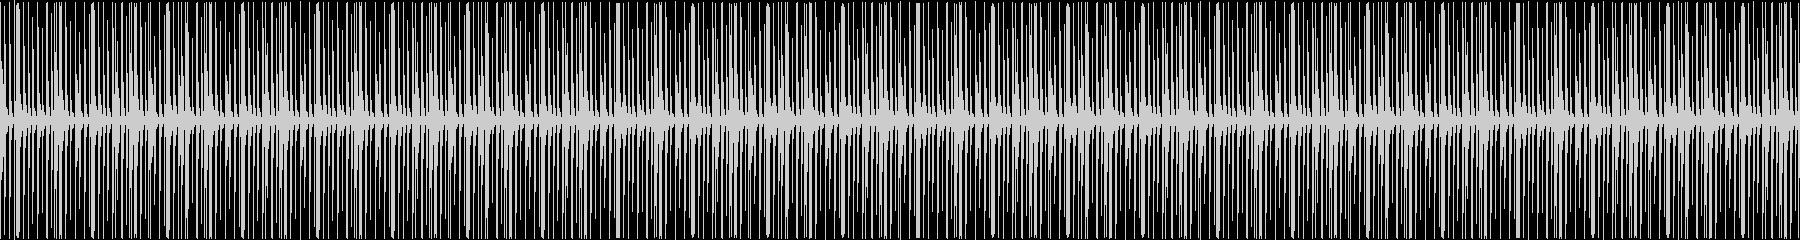 BPM96の生音ドラムソロの未再生の波形